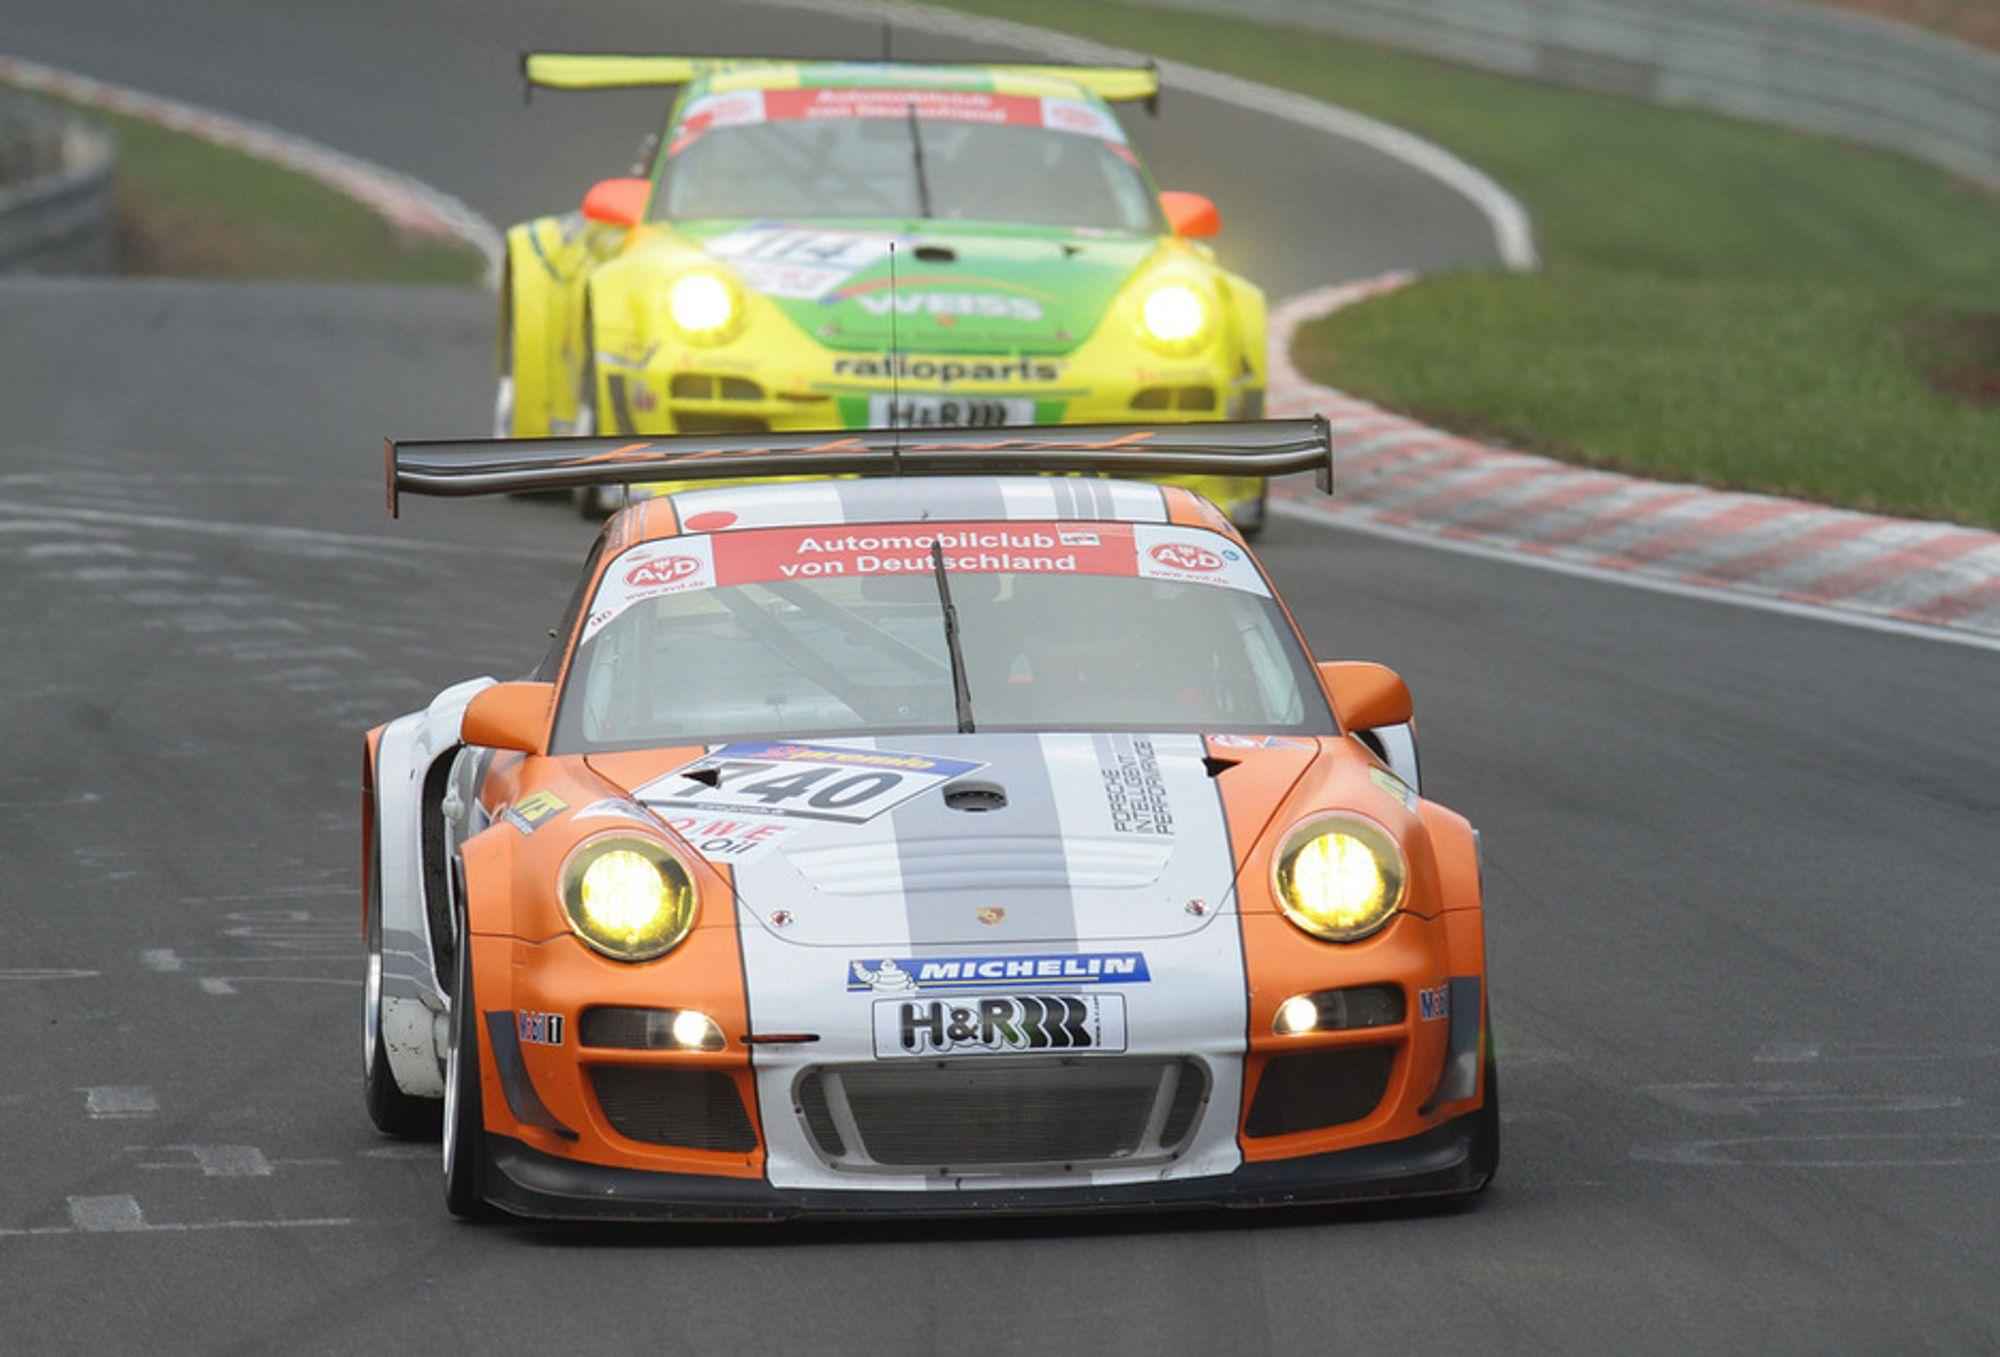 Porsche Works' 911 GT3 Hybrid (hvitoransje) tok en tredjeplass i runde to av årets Nürburgring langdistansemesterskap, mens den gulgrønne, konvensjonelle GT3 R-en tok sin andre strake seier.